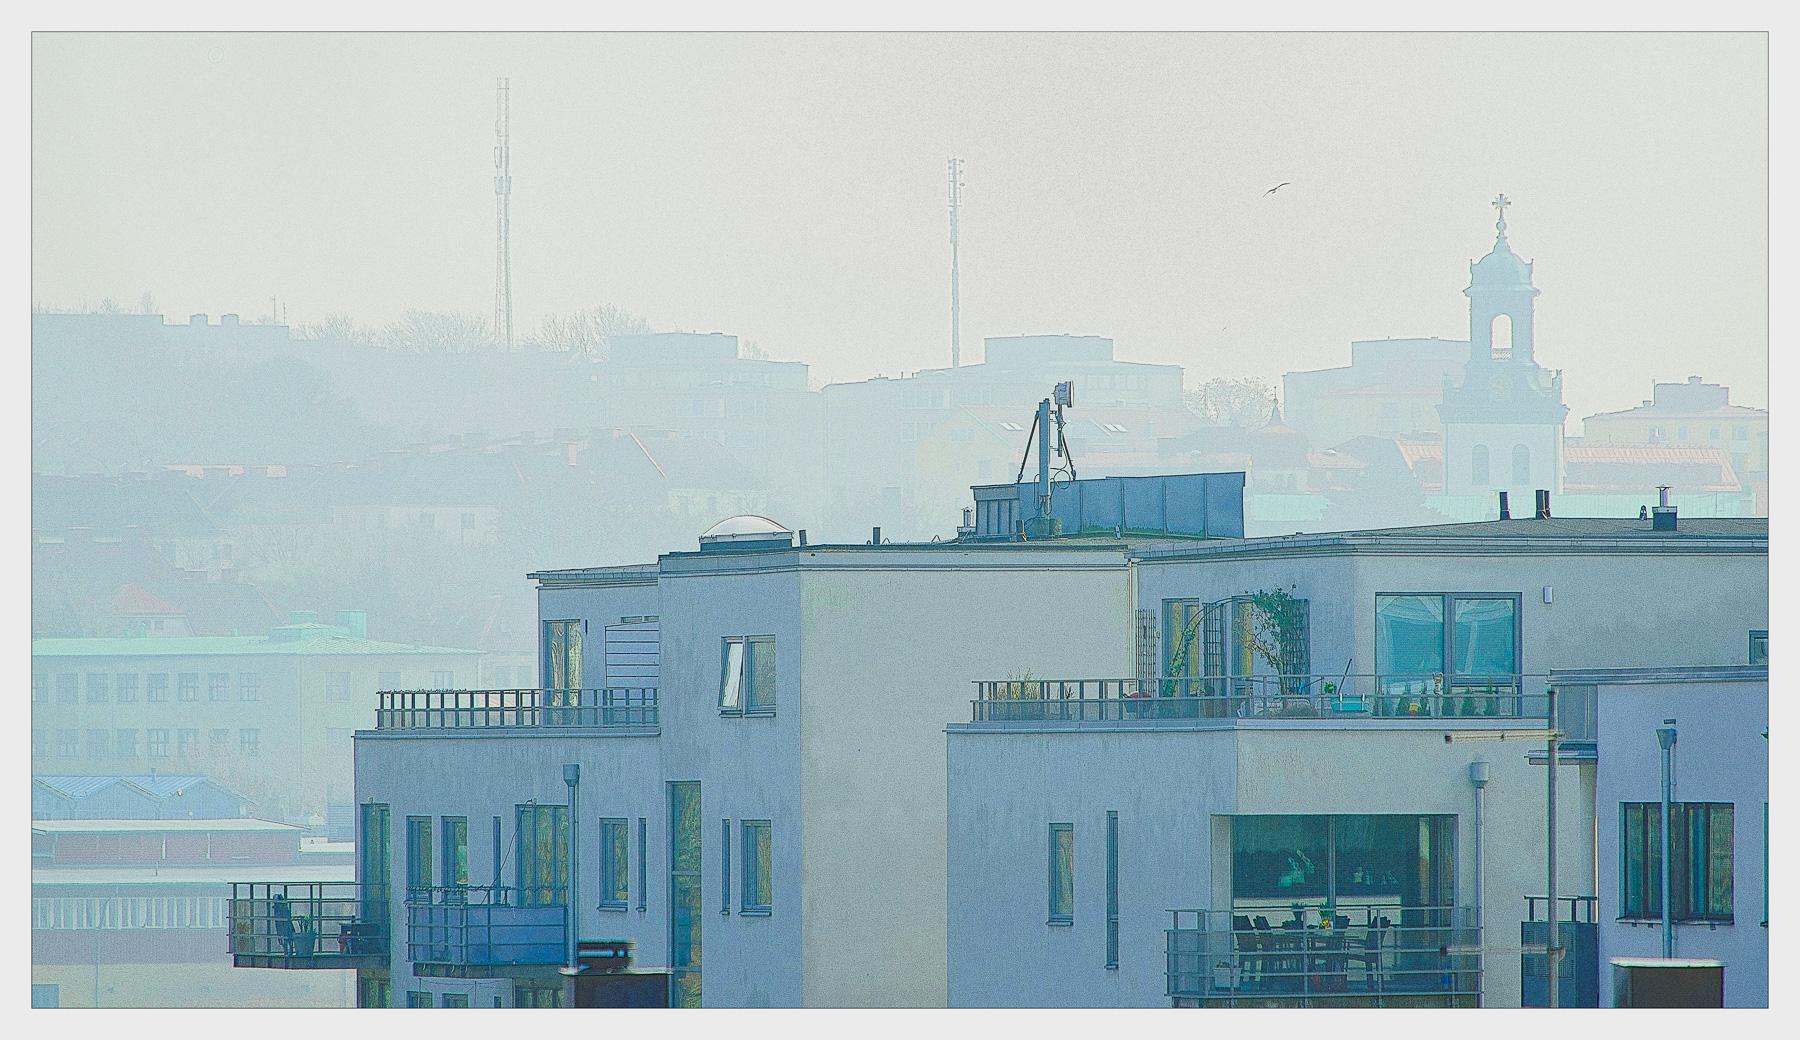 Condominiums Sannegården